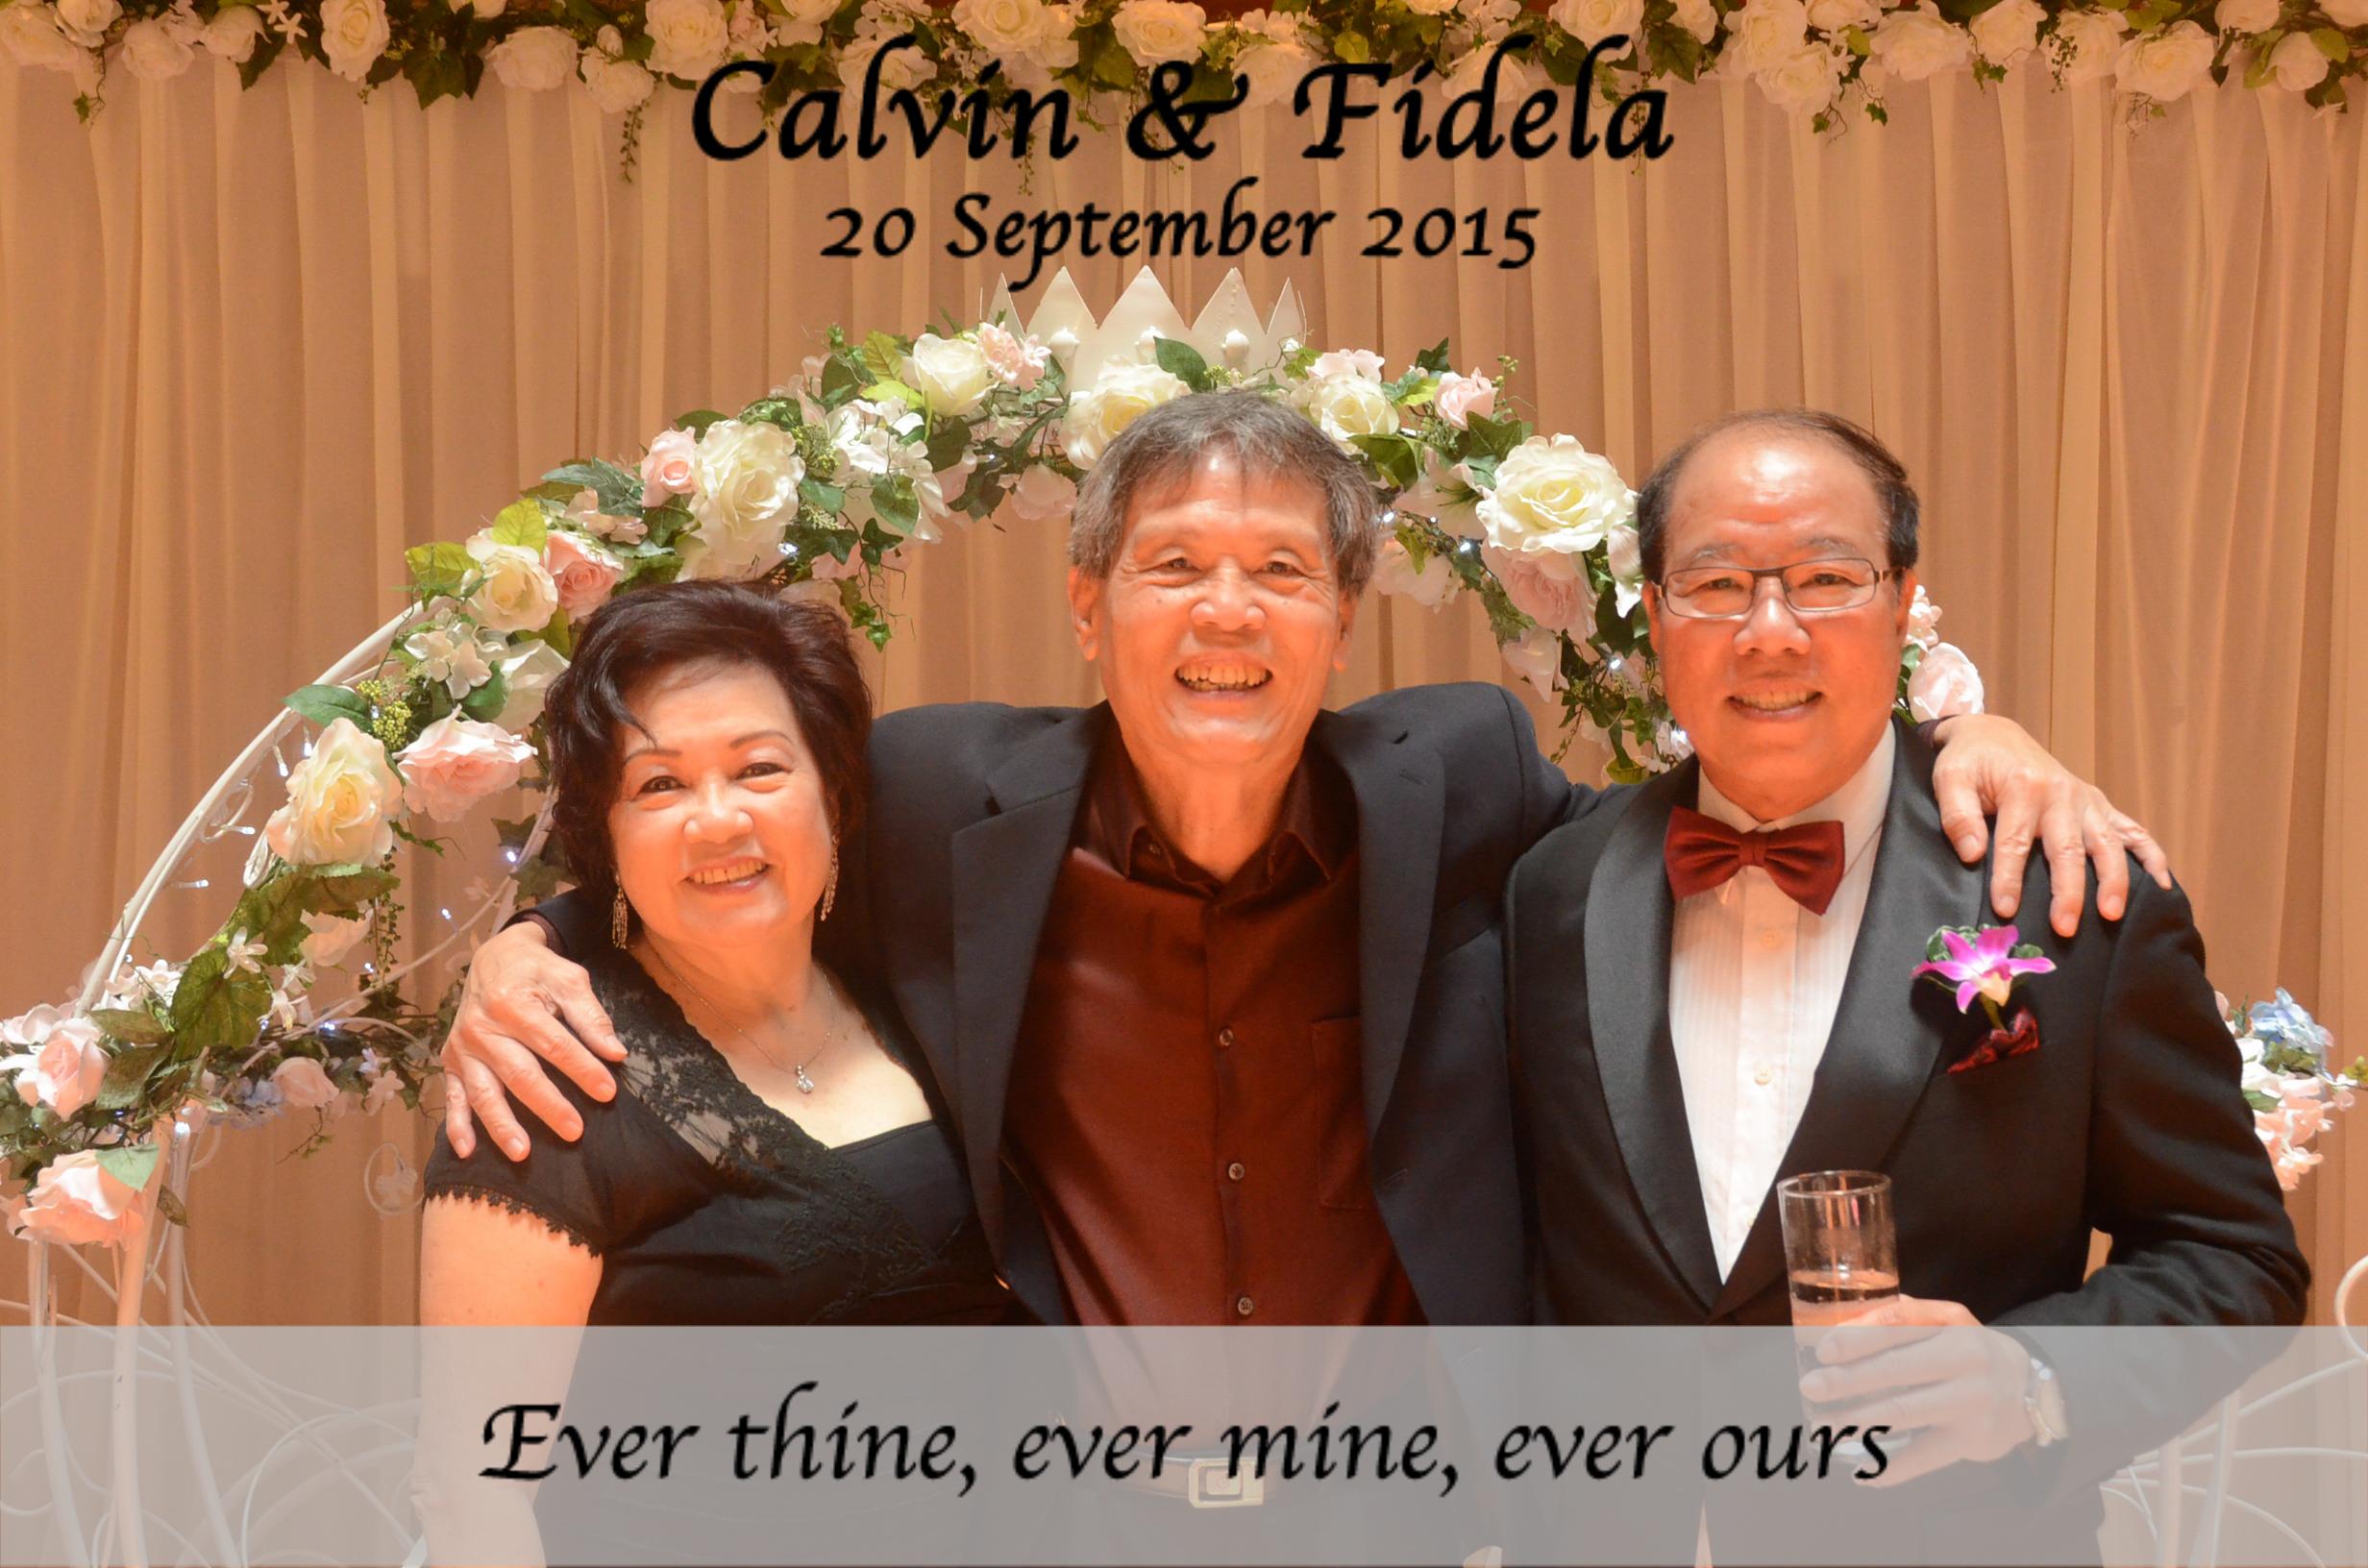 Calvin & Fidela-34.jpg